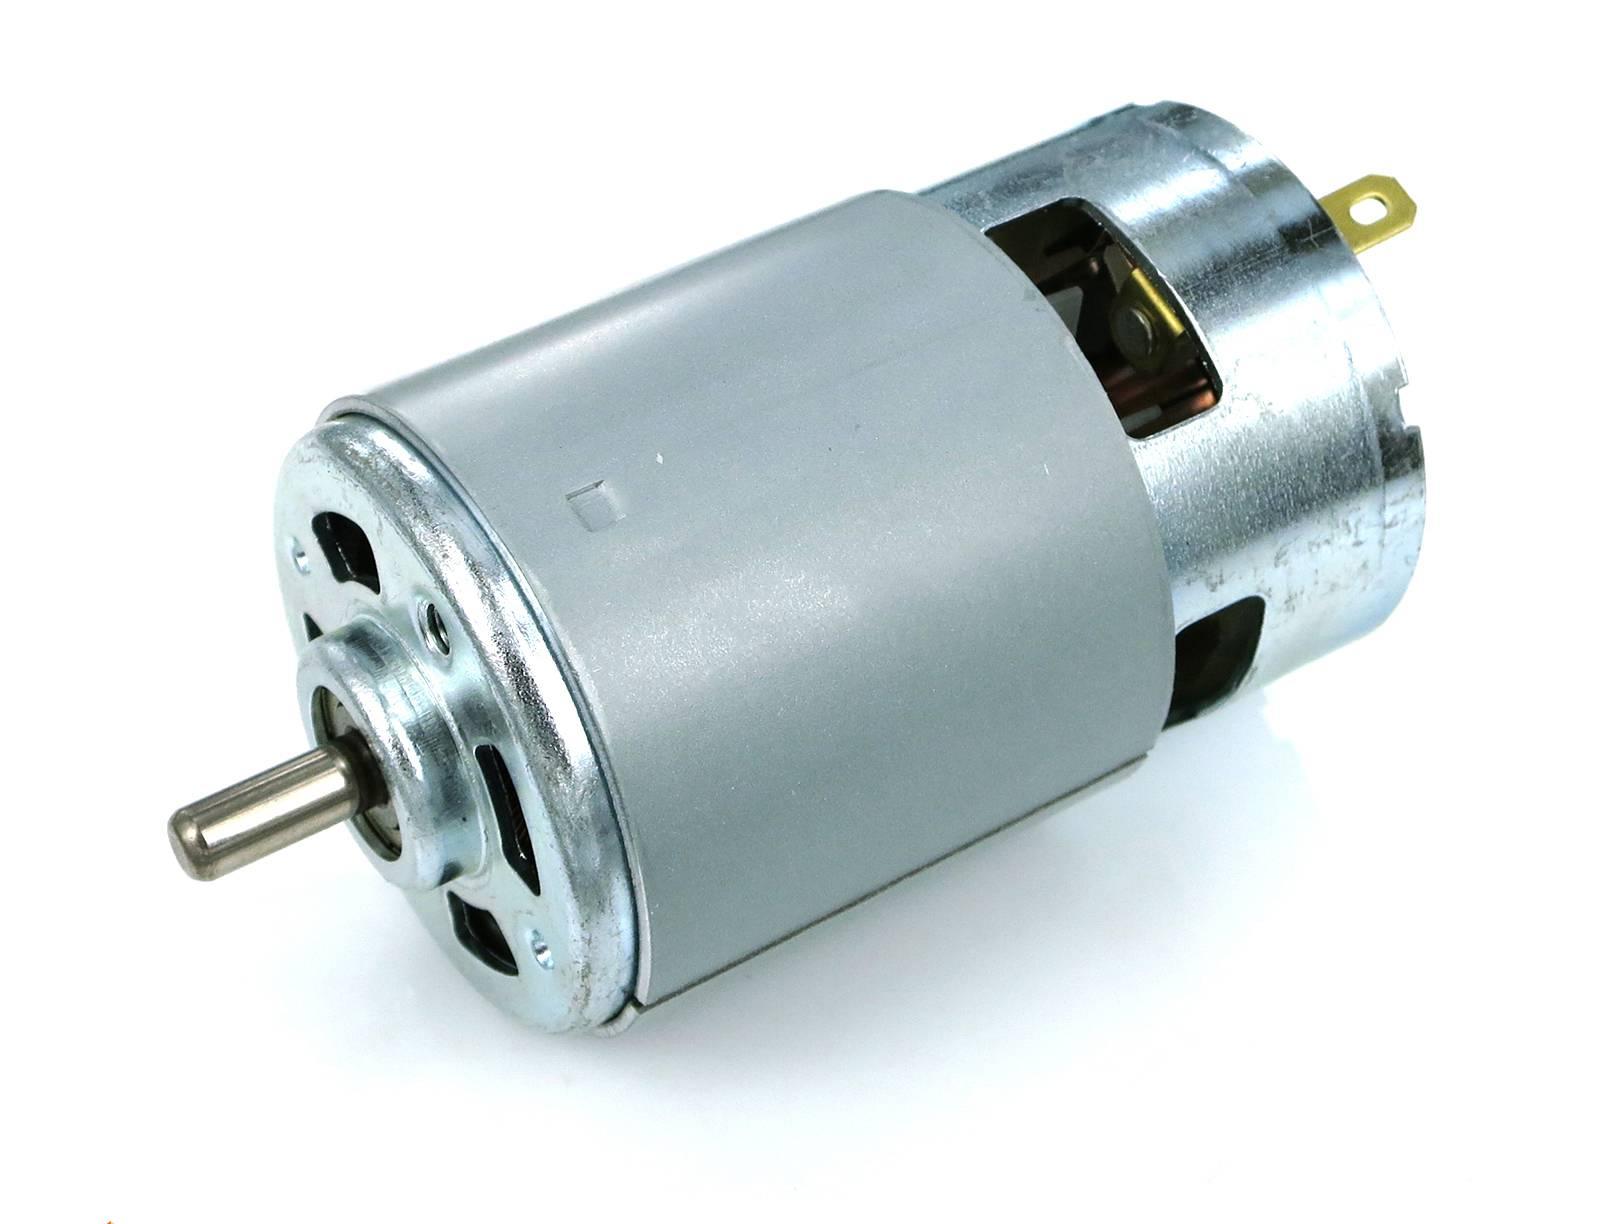 Motraxx Gleichstrommotor SR540SH-4562S-67 6.0 V//DC 1.935 A 13.28 Nmm 4807 U//min Wellen-Durchmesser 3.175 mm 1 St.